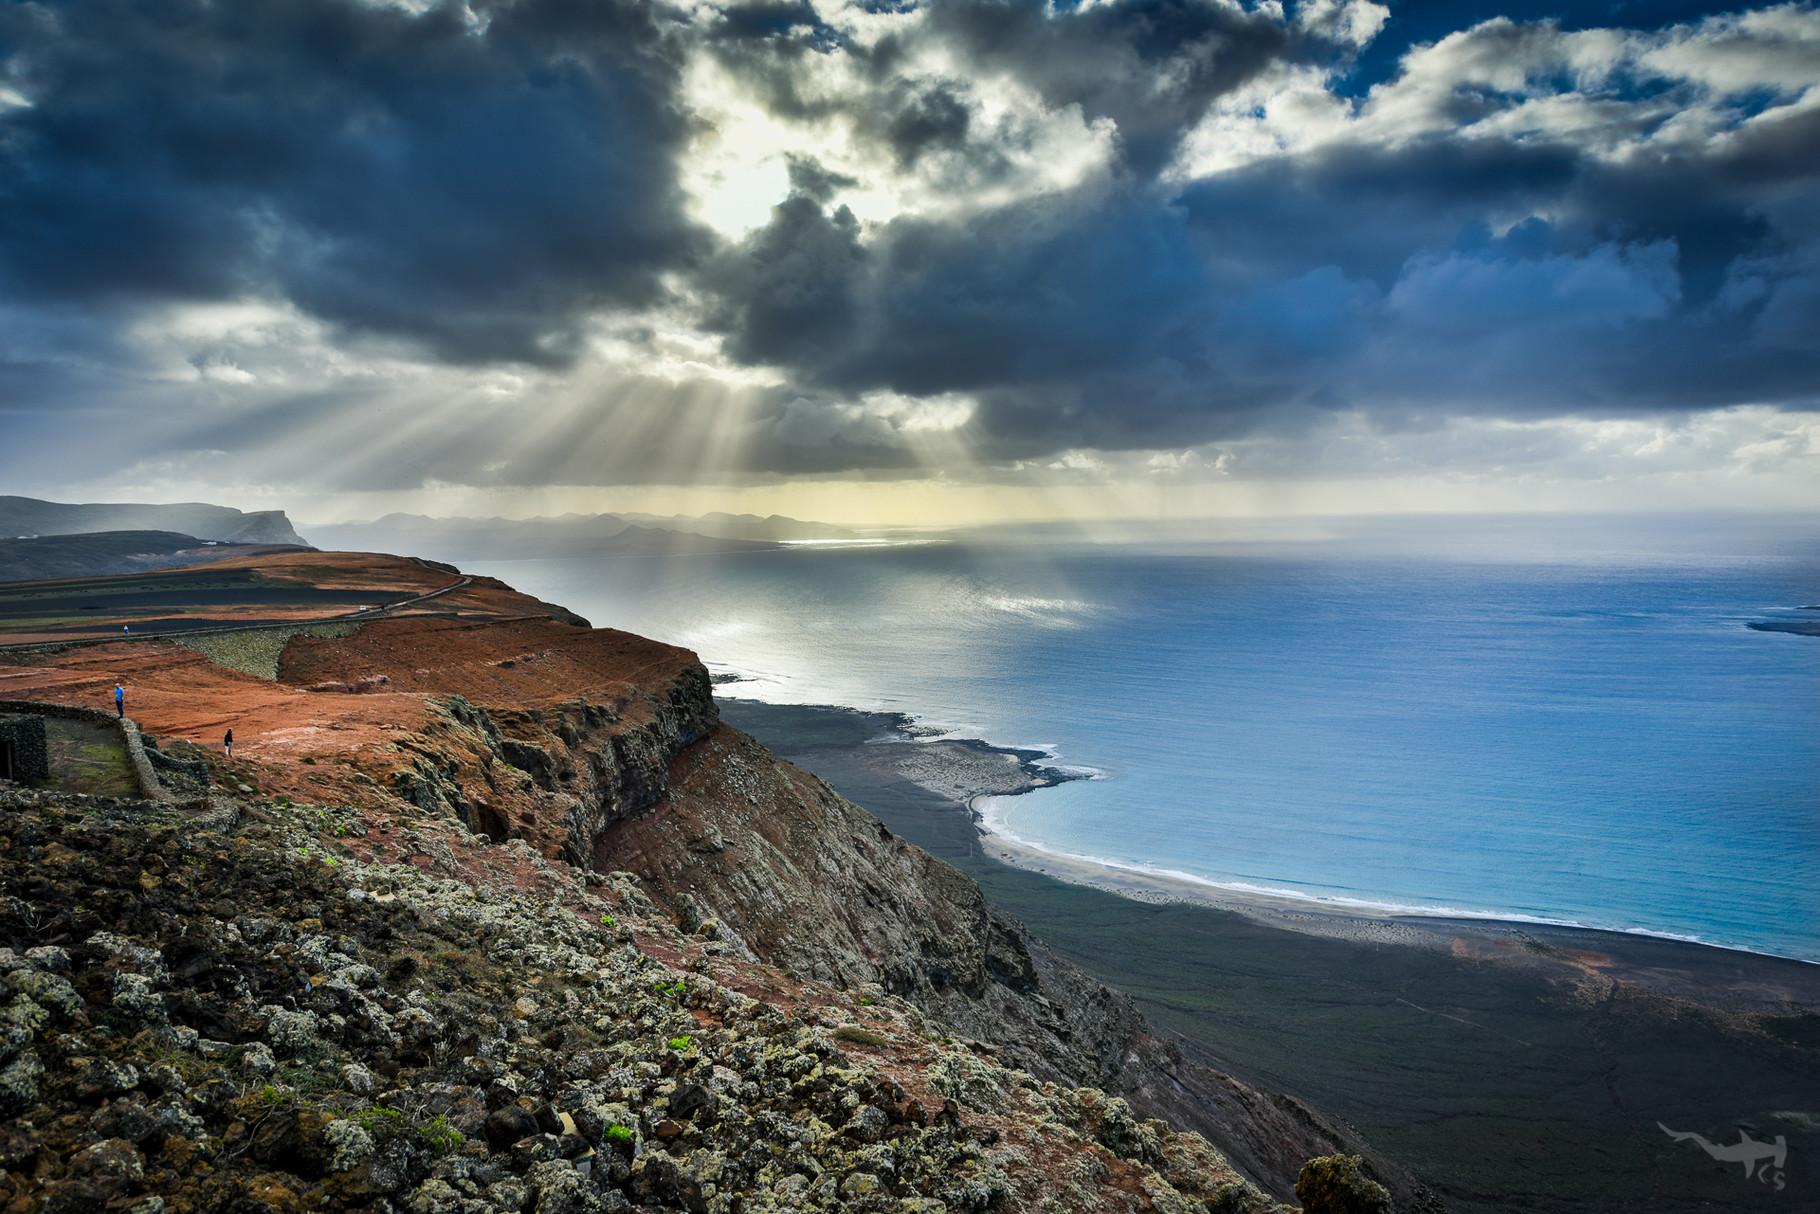 Mirador del Rio - Lanzarote/Canary Islands